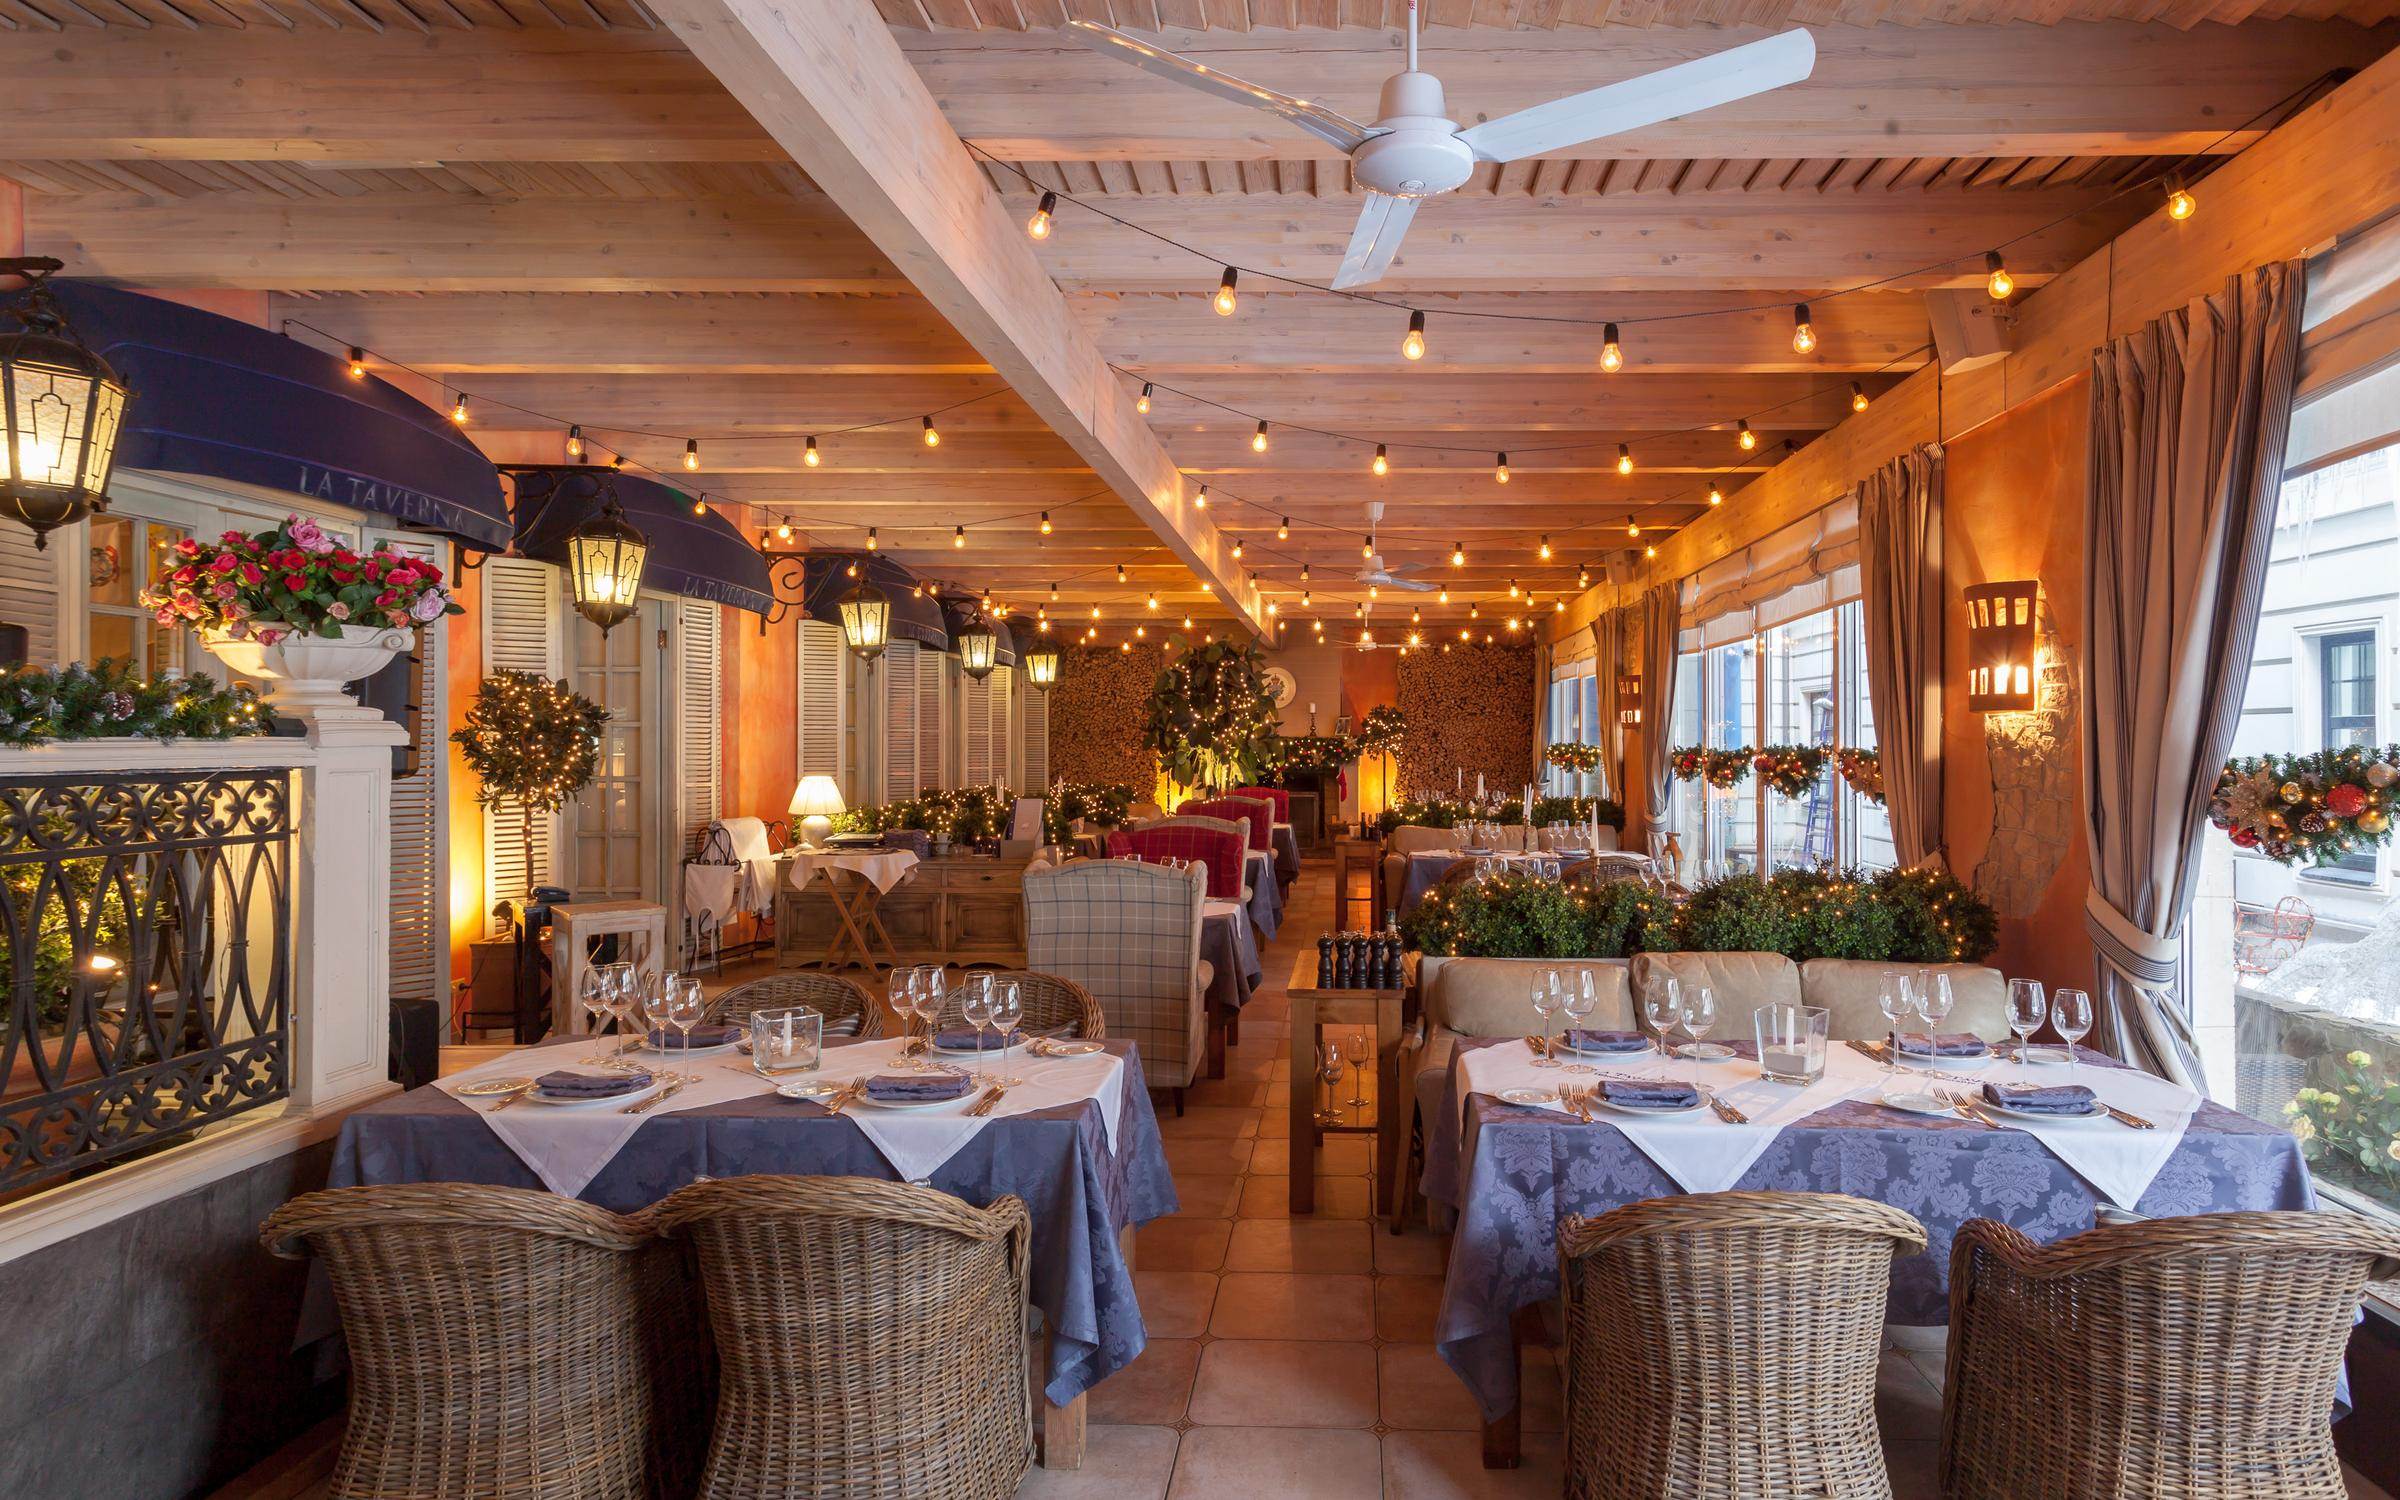 фотография Ресторана La Taverna в Шмитовском проезде